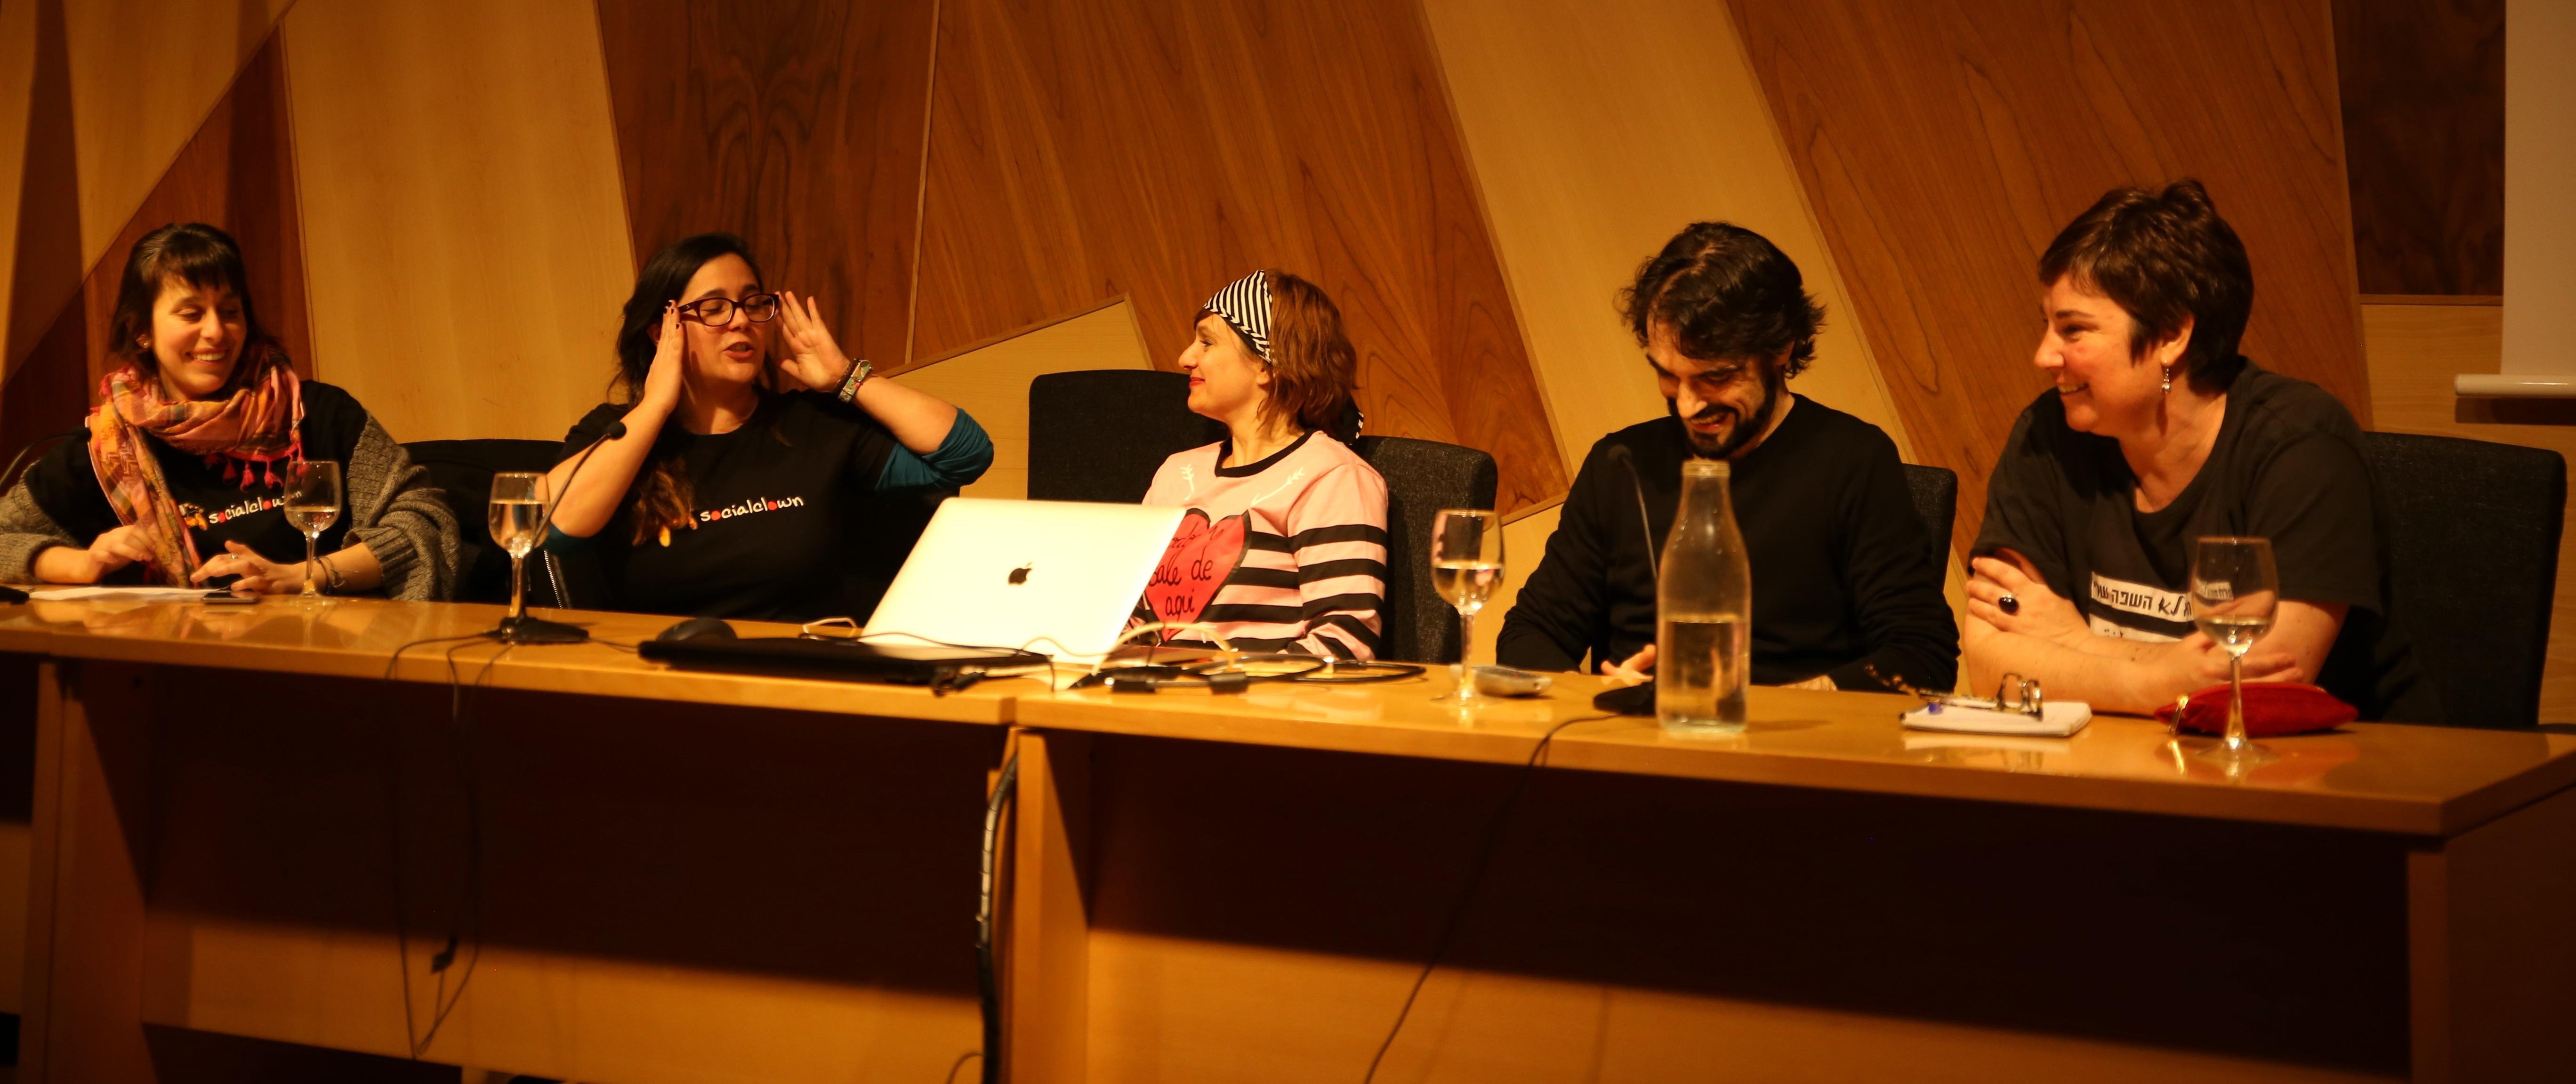 Clara Mozas, Emma Temprano, Virginia Urdiales, Félix Muñiz y Madalena Alejo en las Jornadas de Clown Social aplicado a Cooperación al desarrollo. Universidad de Valladolid